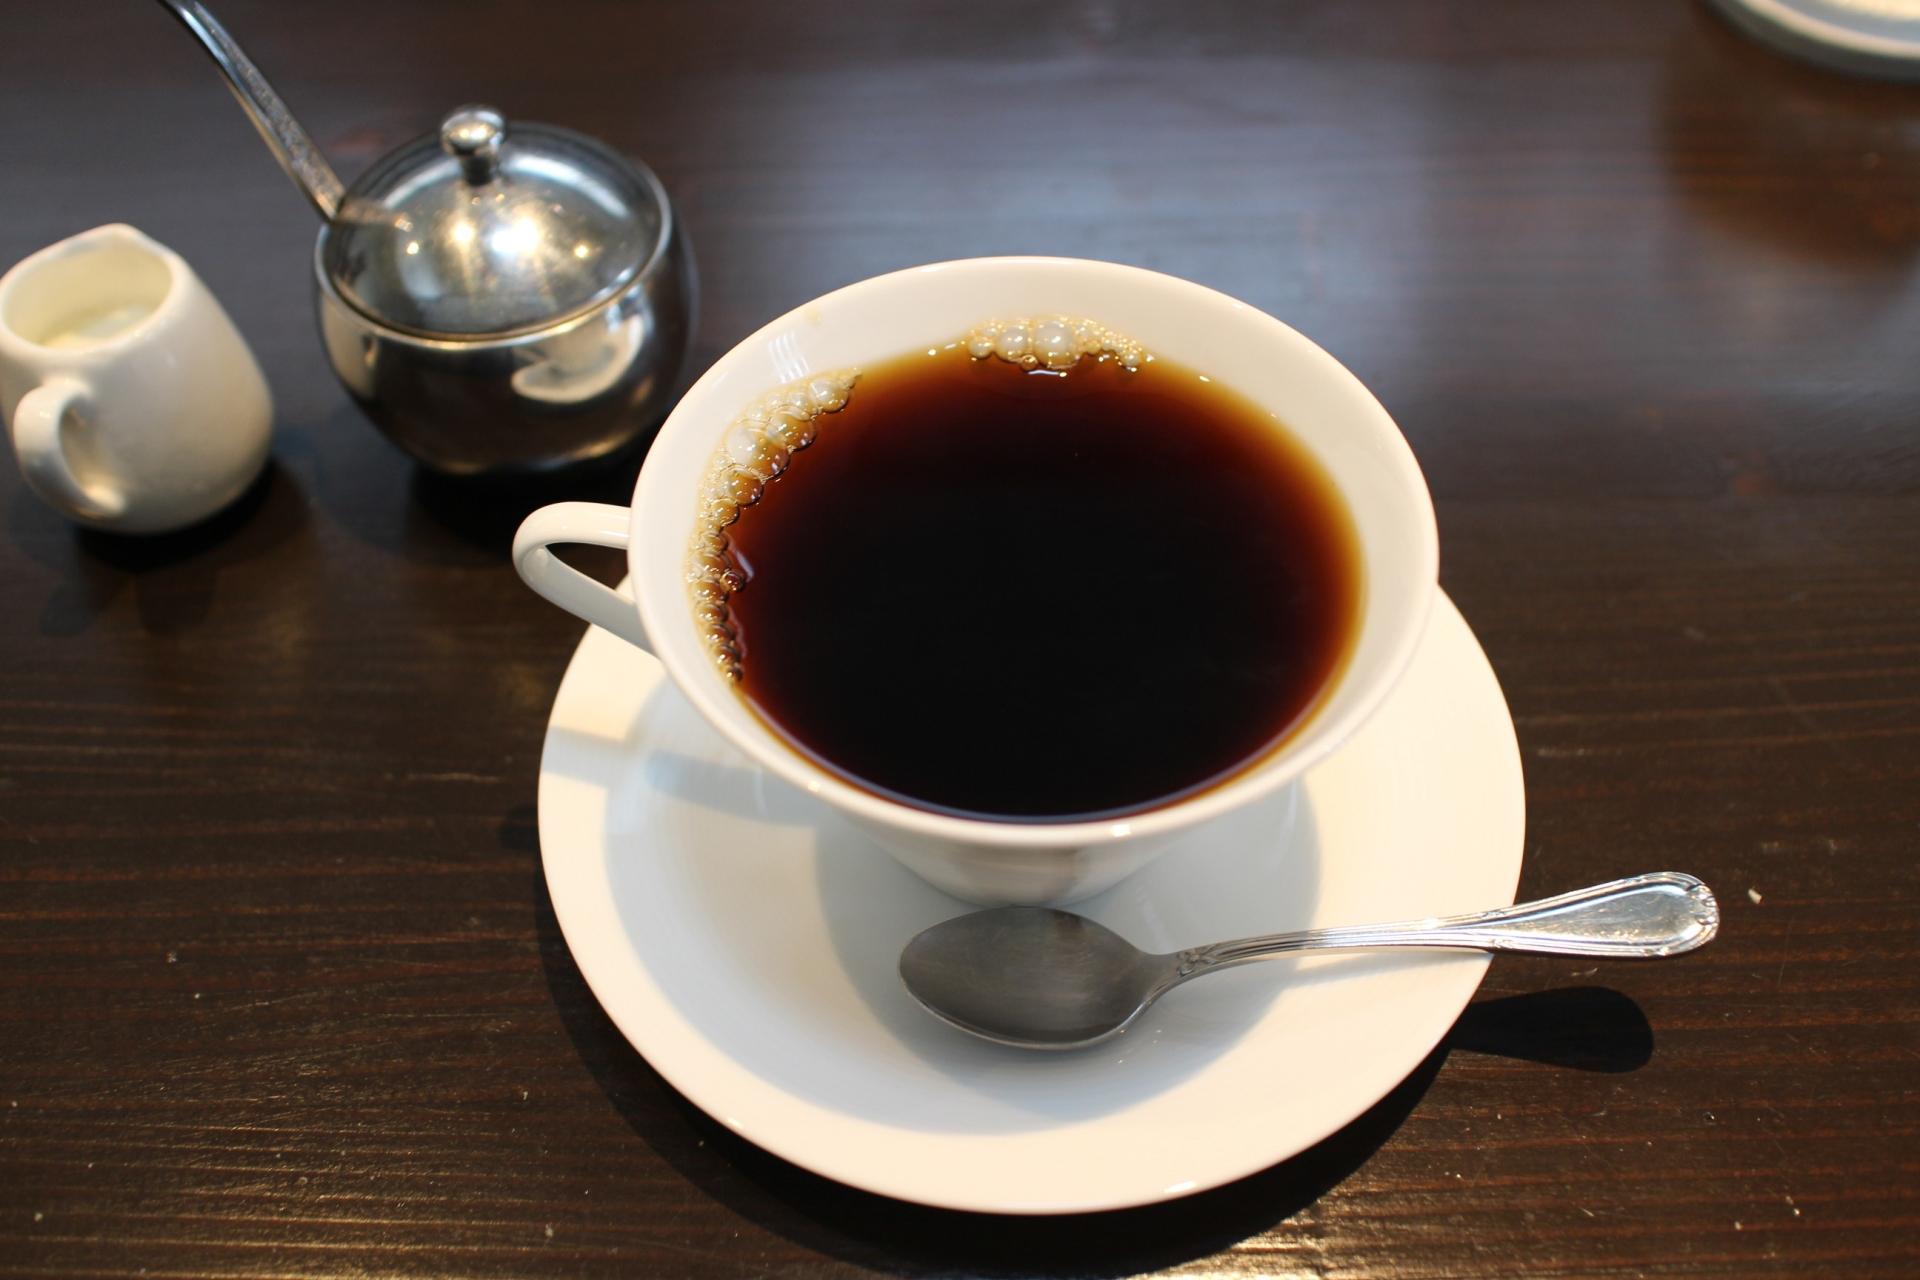 イノダコーヒー本店のおすすめは?モーニングやランチは混雑必至!